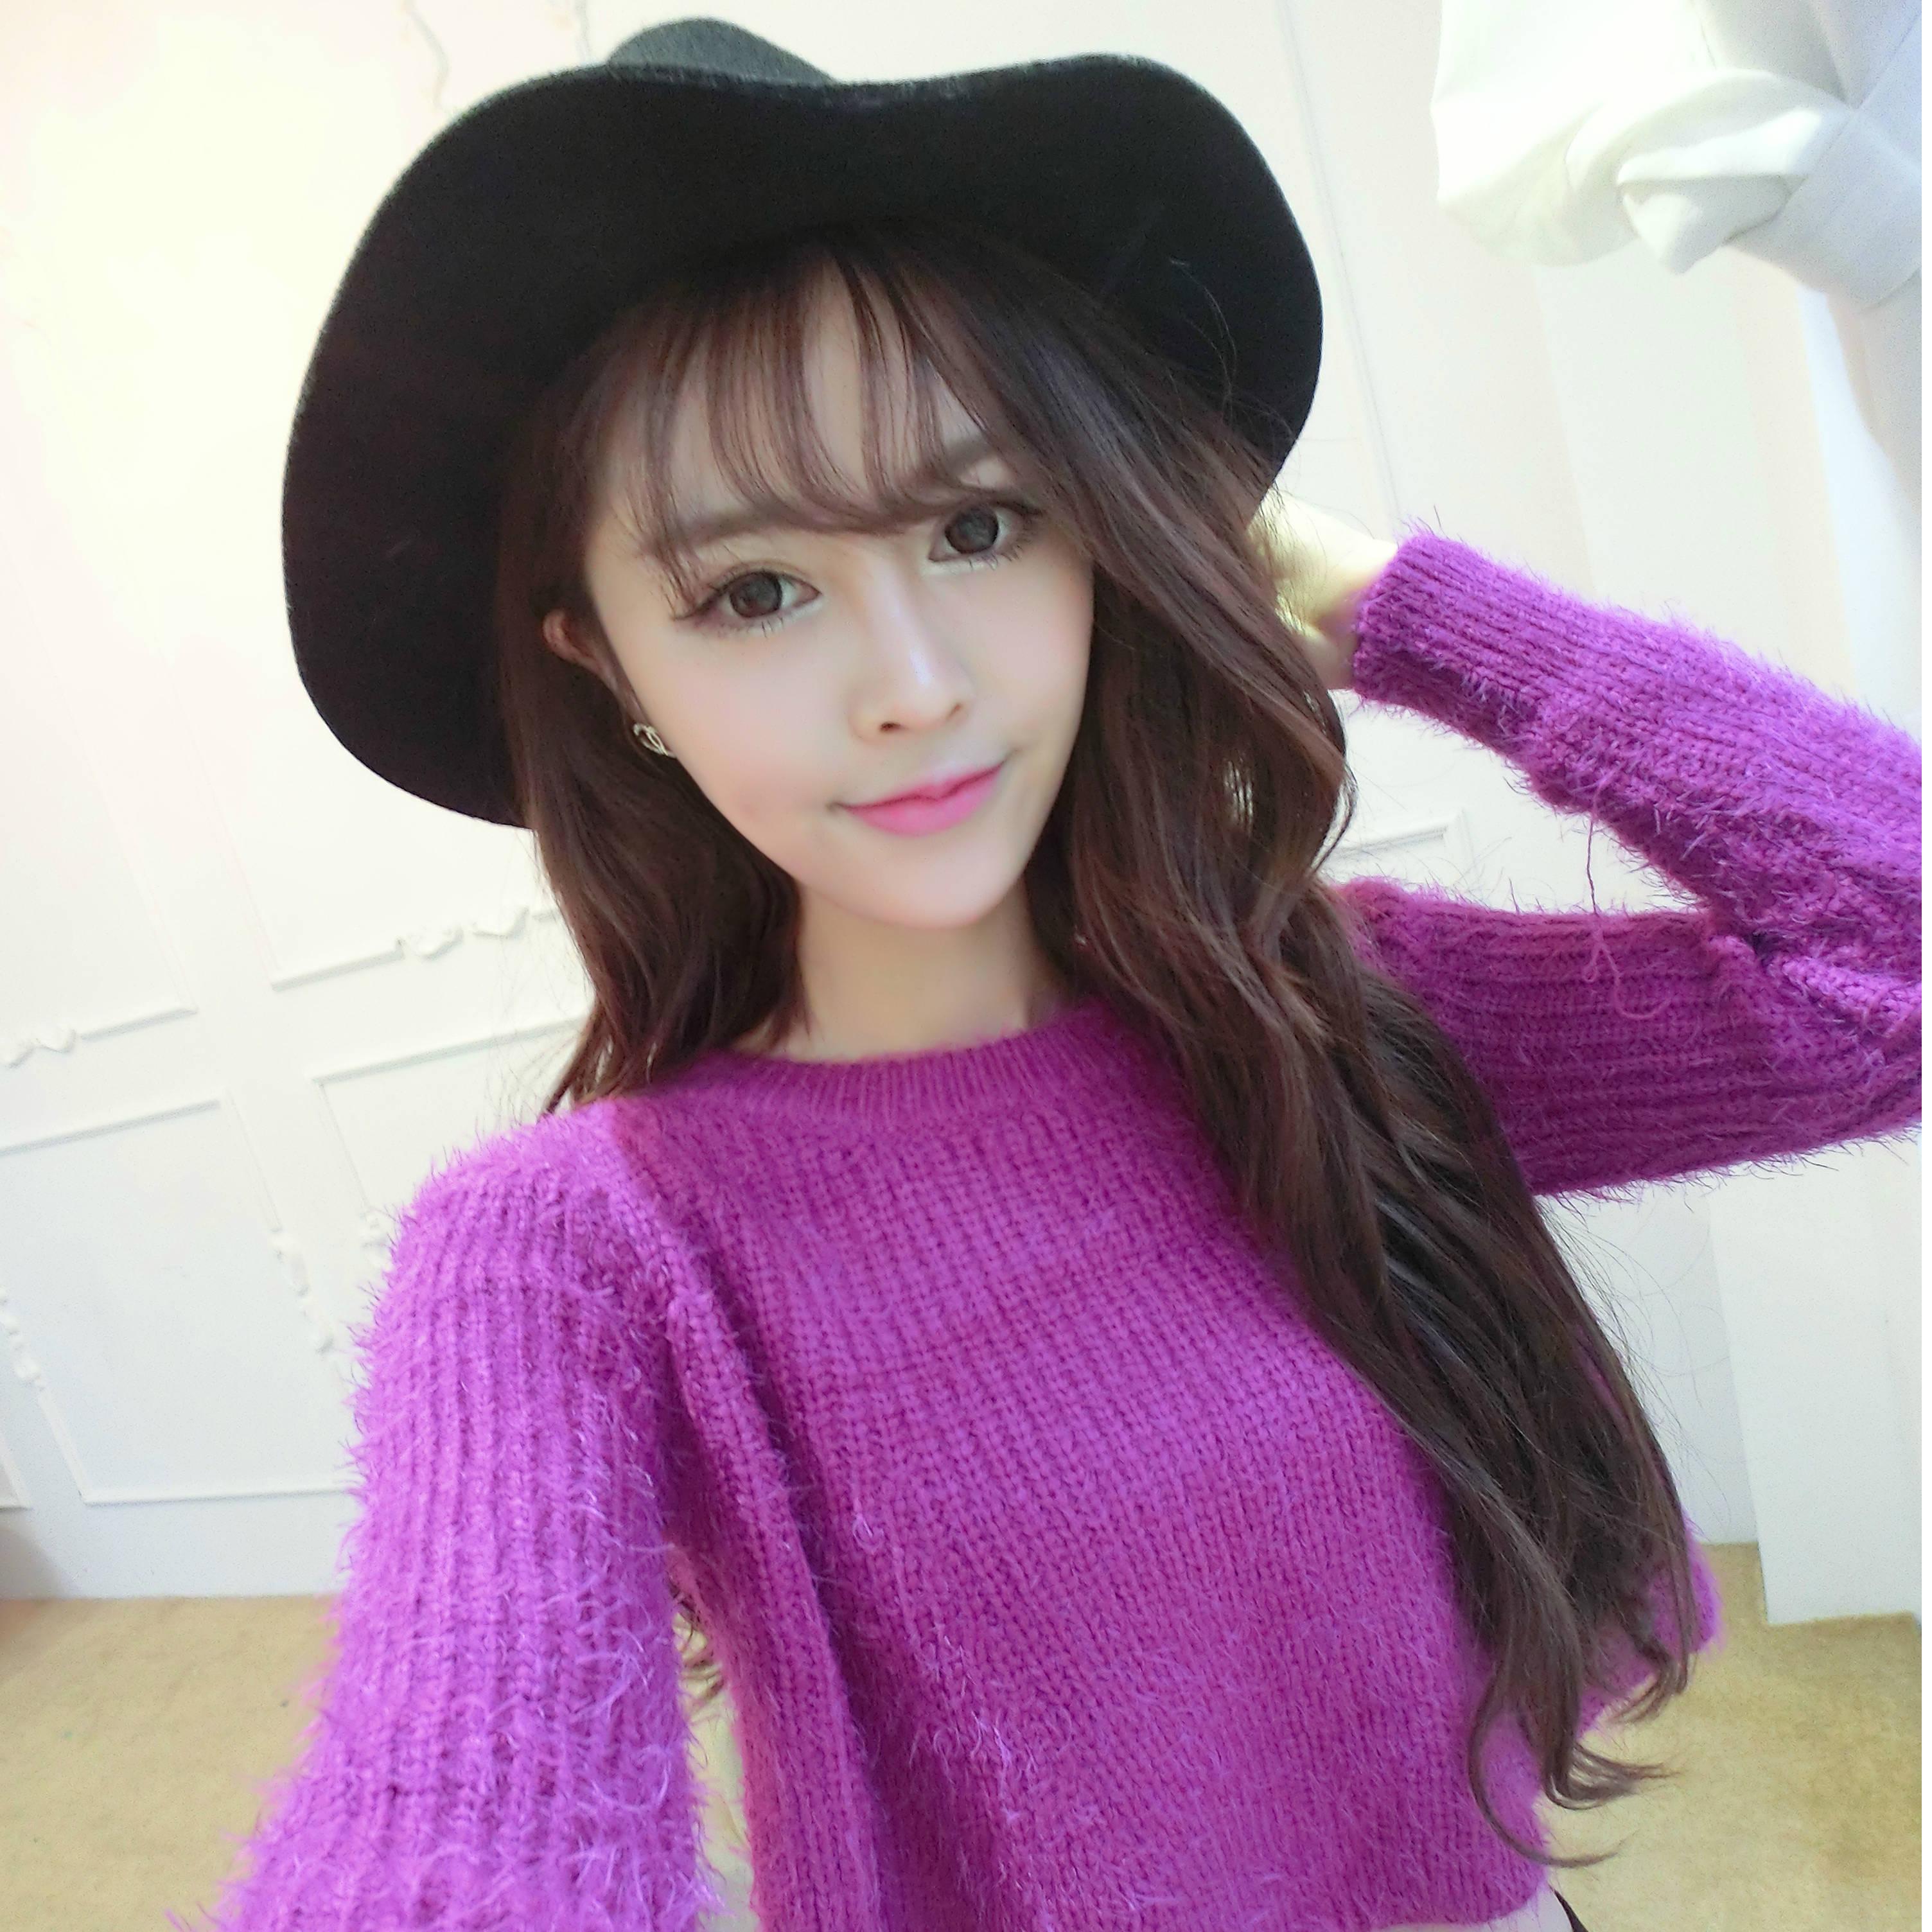 Сямэнь девушка Мясо рис zomiababy умирают Корейский сладкий ретро